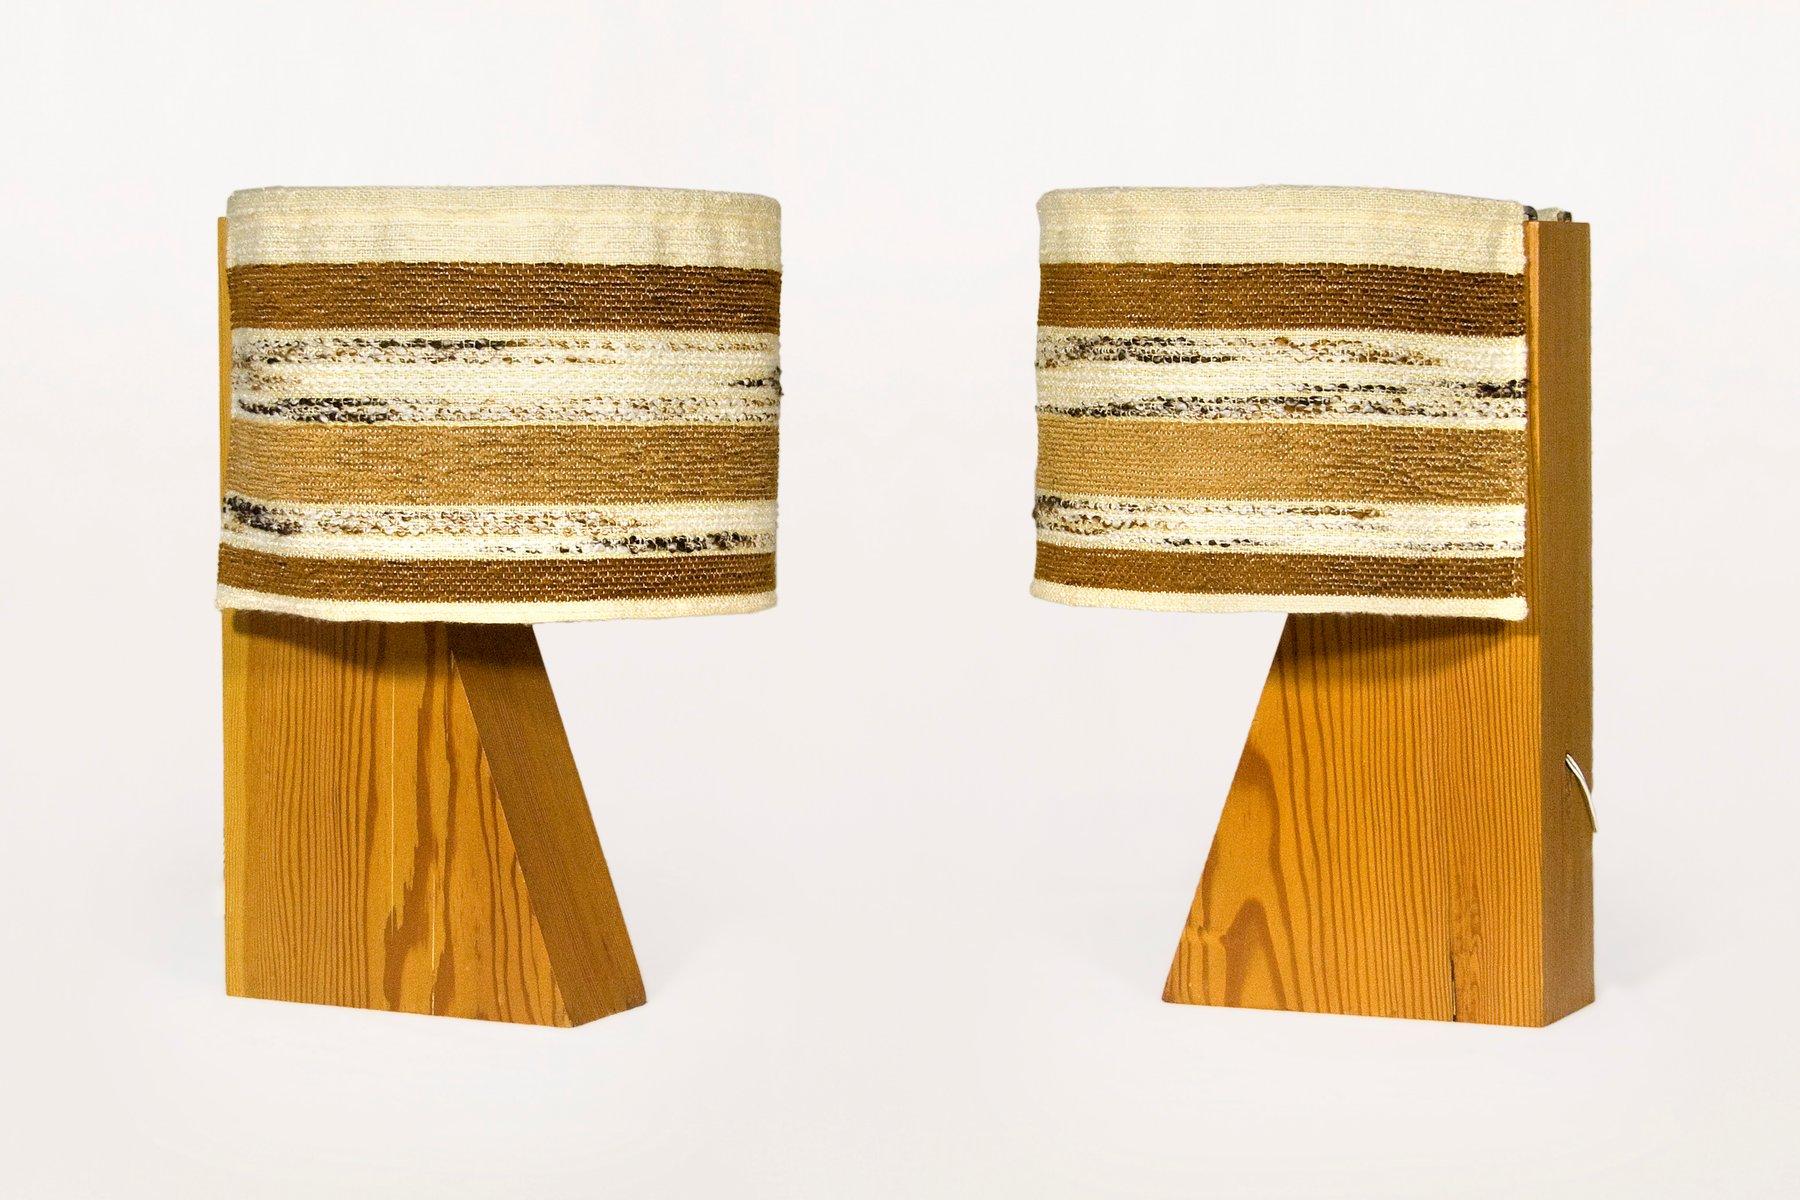 Architektonische Spanische Vintage Tischlampen von Joaquim Blesa, 1970...